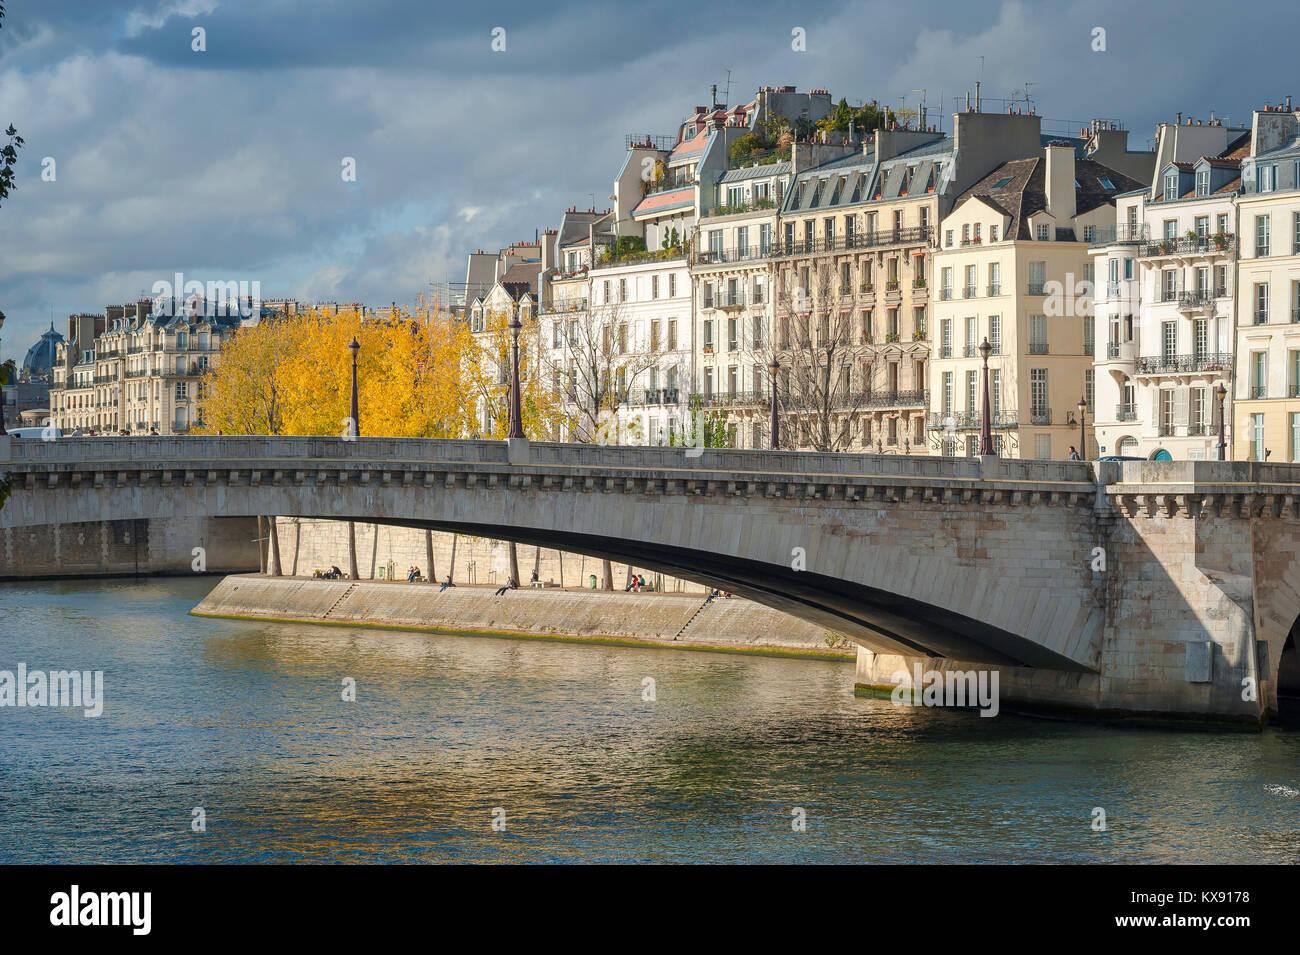 Ile St-Louis Paris, view in autumn of the Pont de la Tournelle and apartment buildings along the Quai d'Orleans - Stock Image